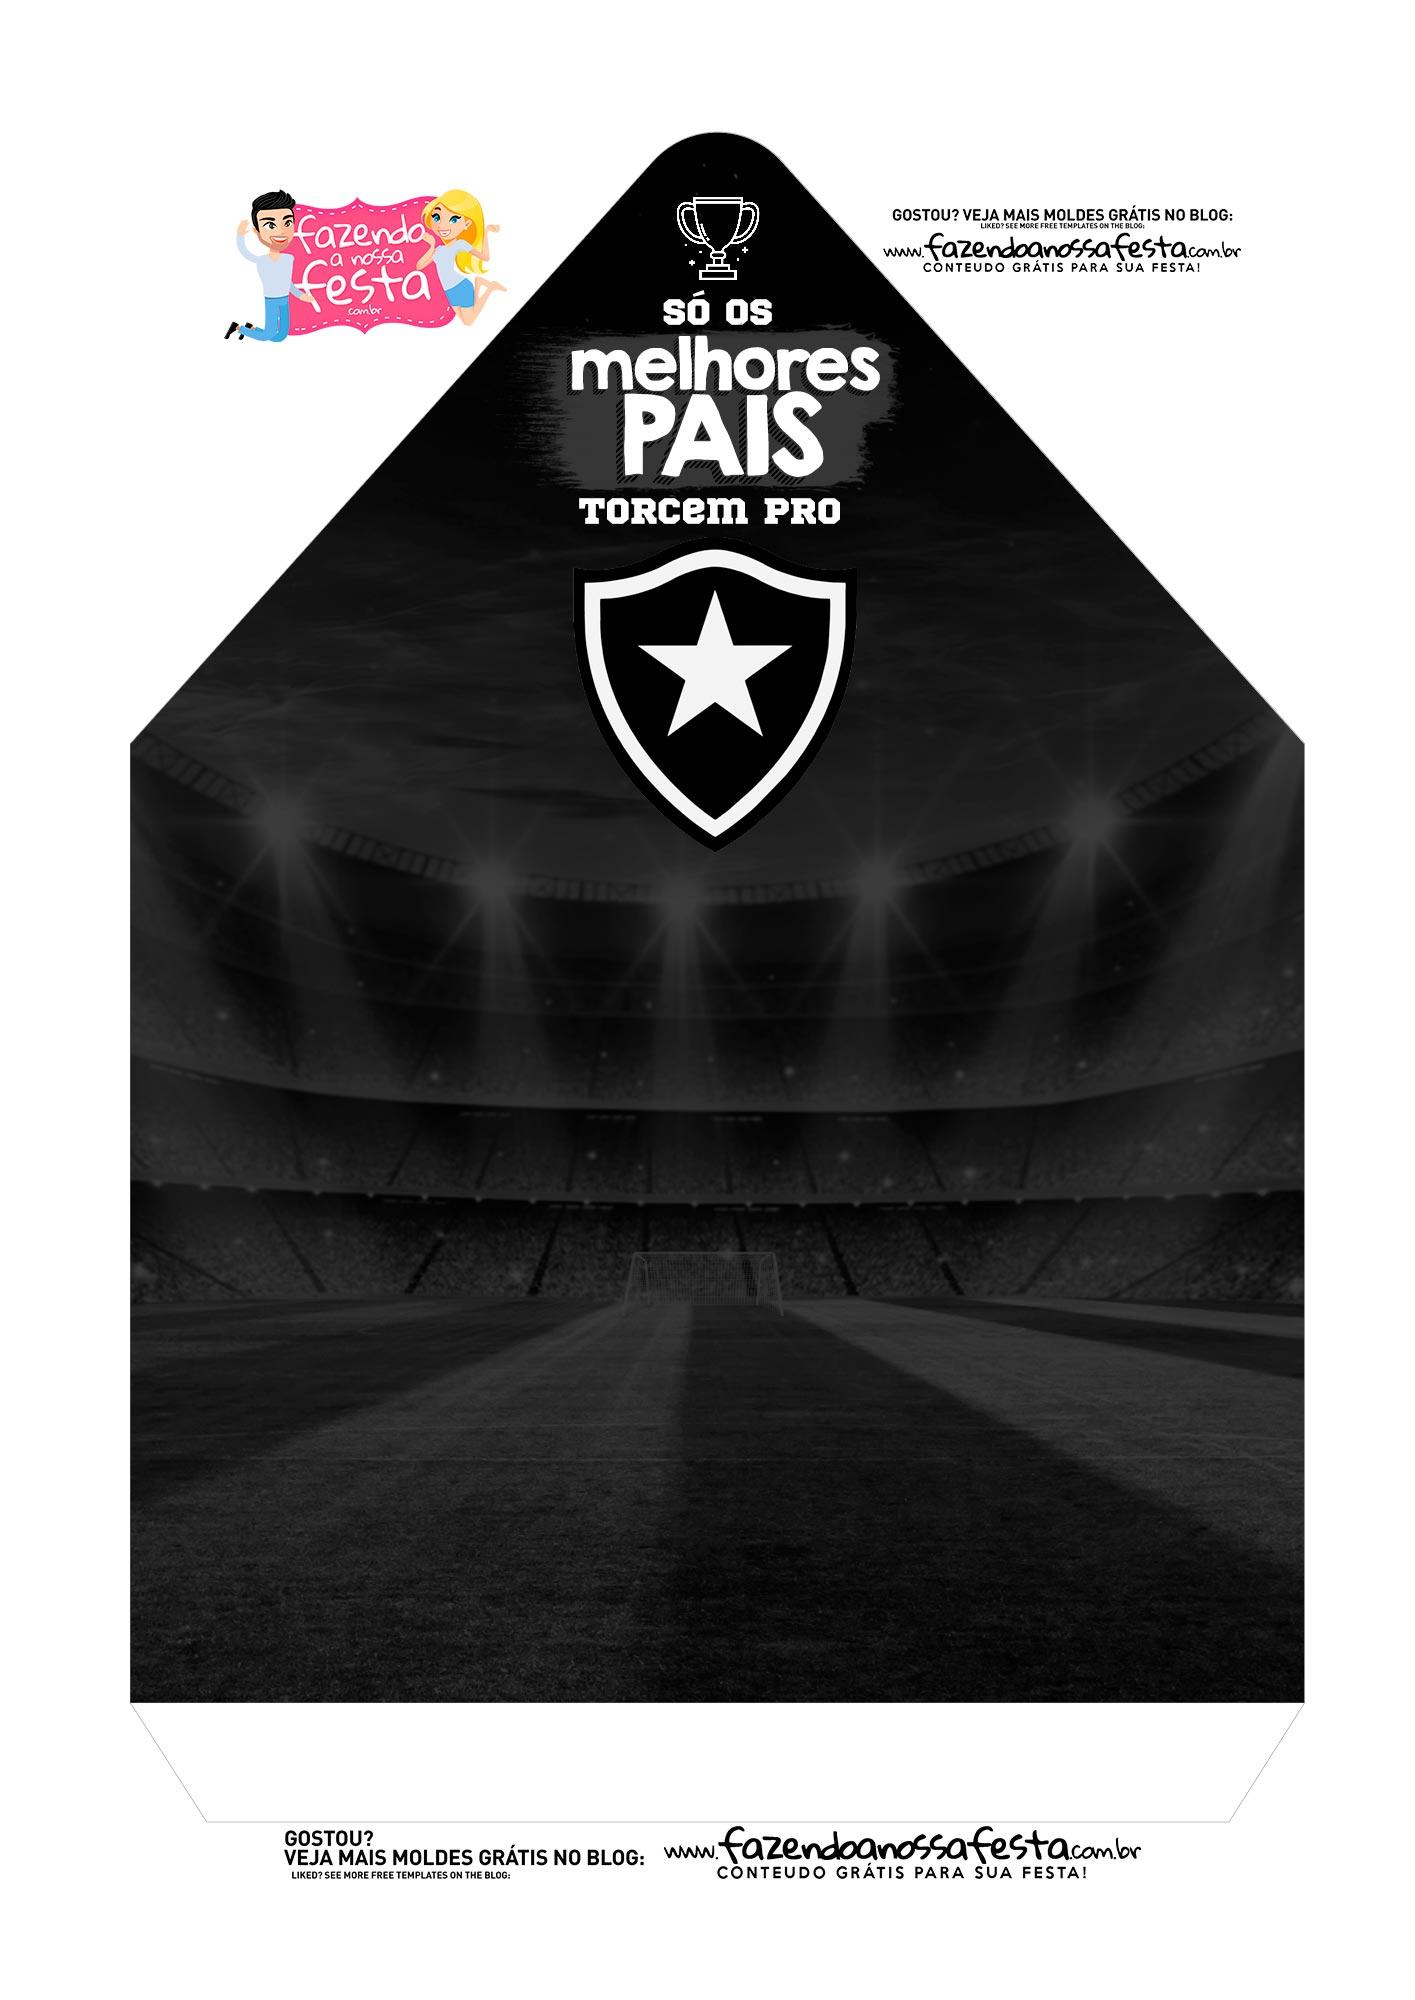 Caixa Envelope Botafogo 2